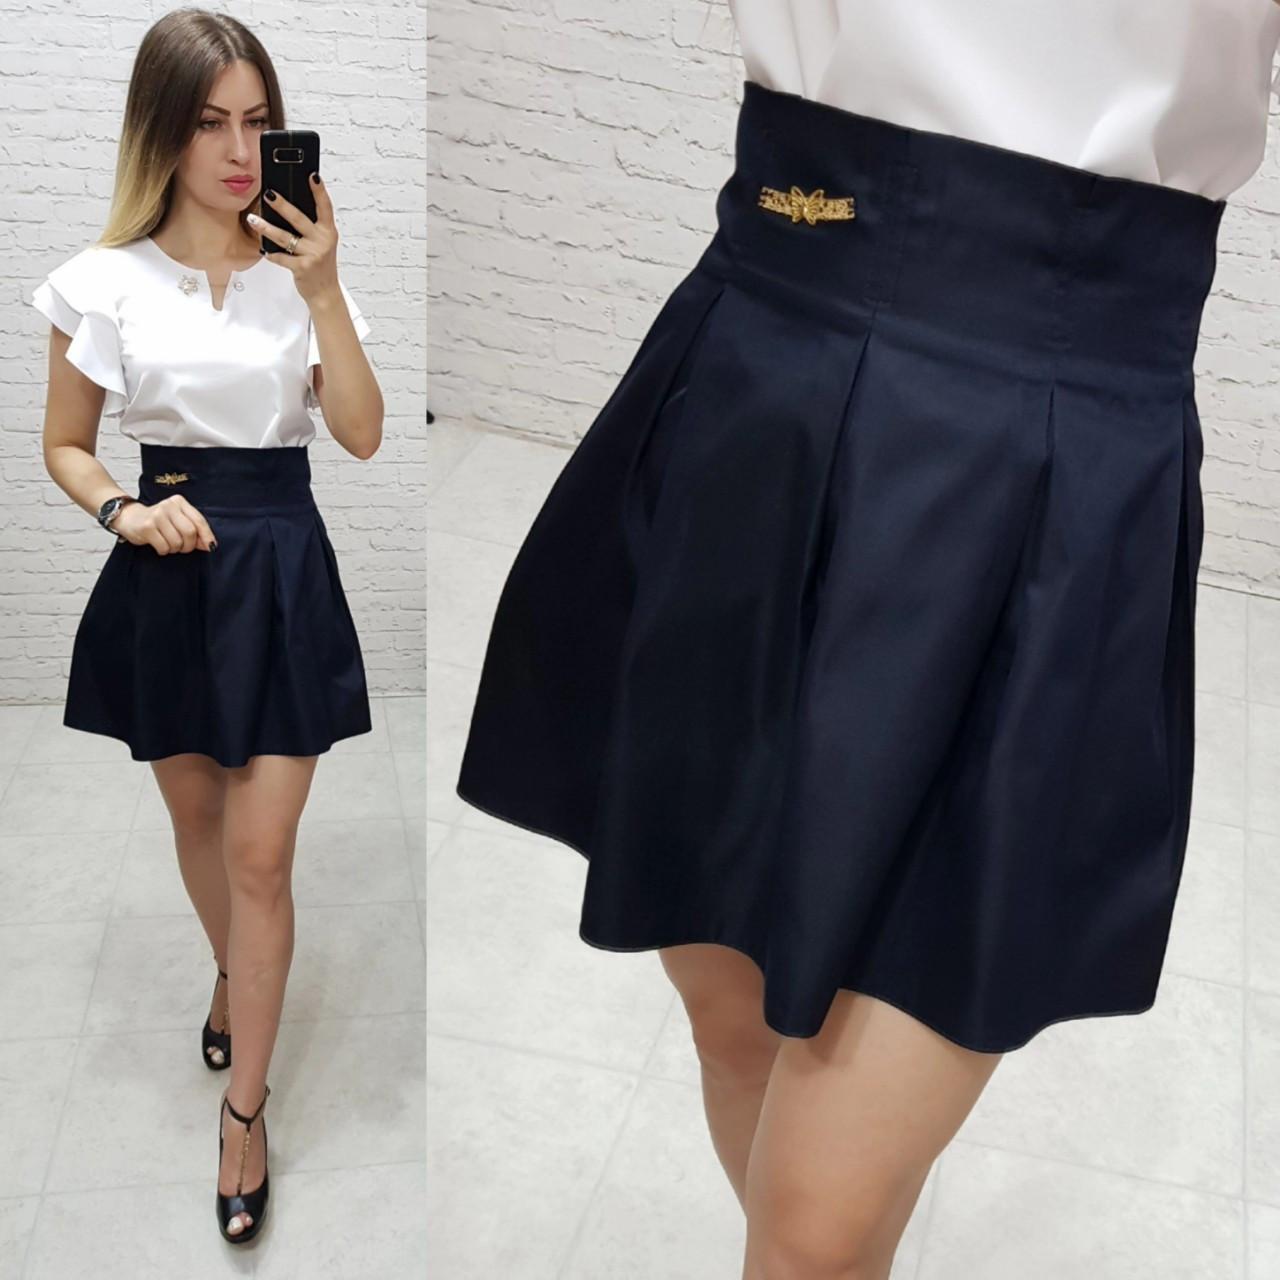 Юбка костюмка шерсть для девушки - подростка арт. 1010 чёрного цвета